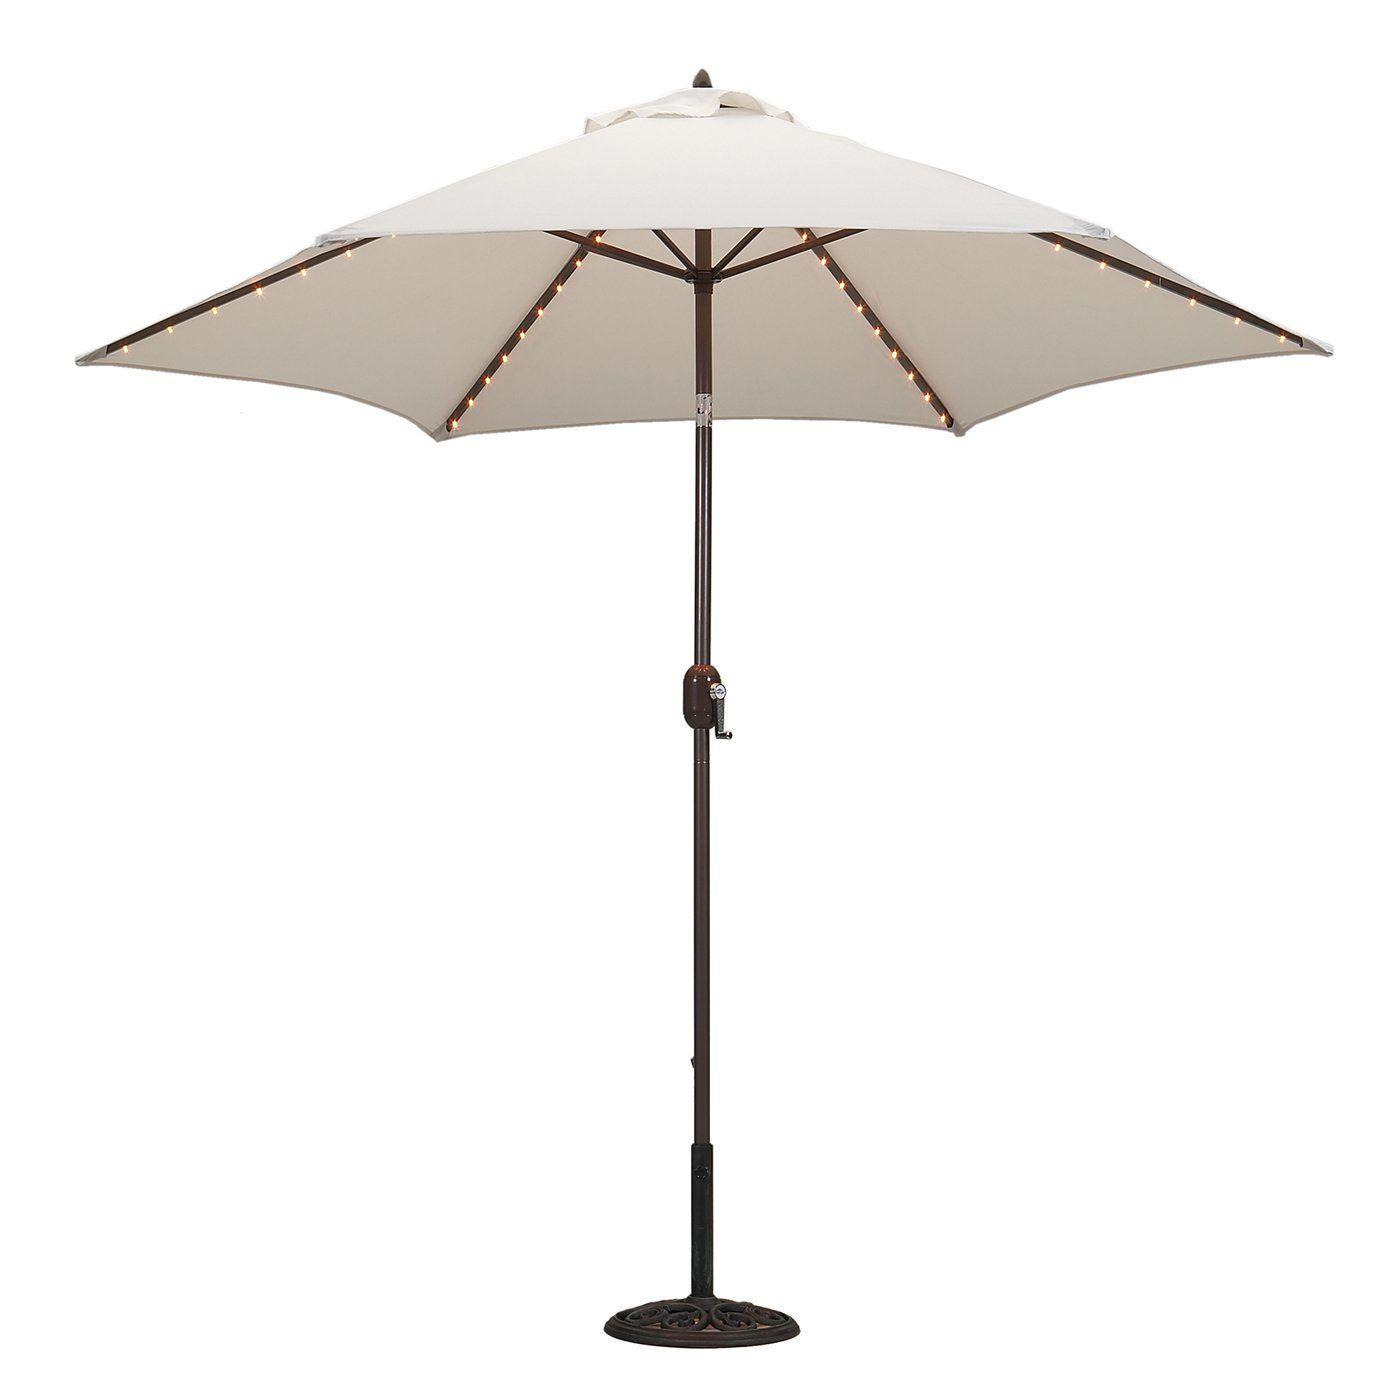 abe0e52feba9c31dcdb94b56a49ba302 - Better Homes And Gardens 9 Ft Umbrella